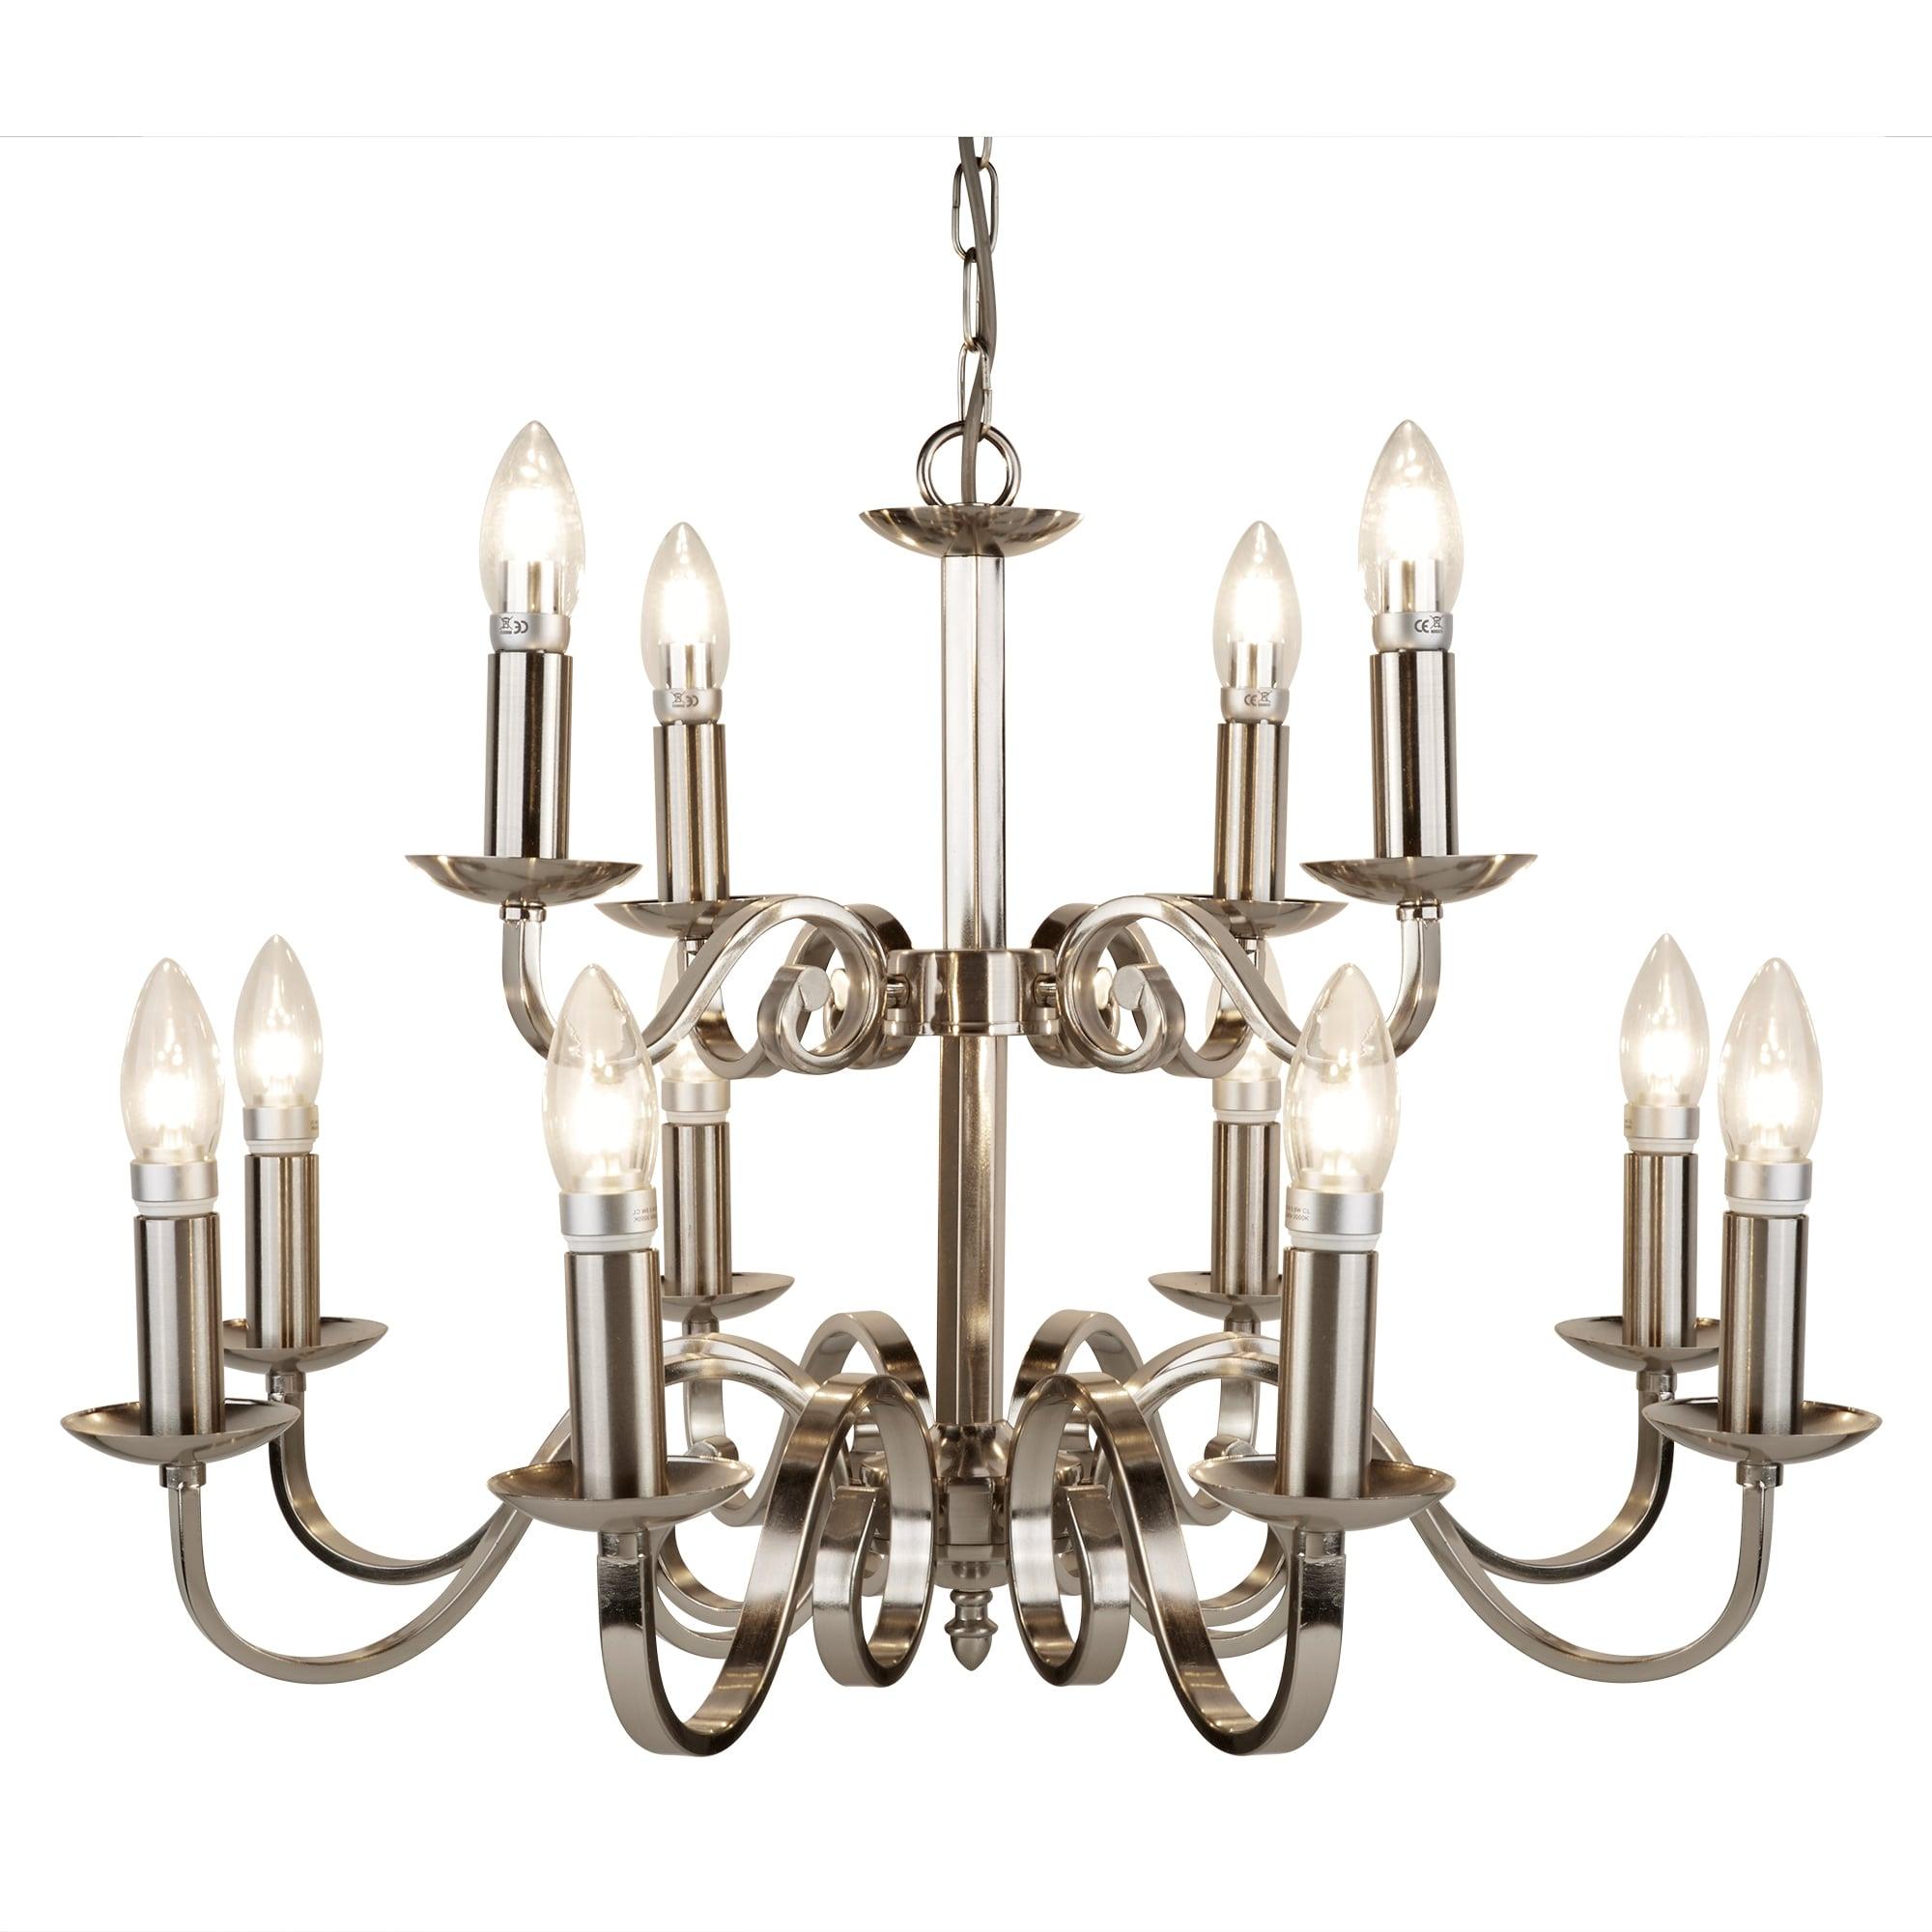 Richmond Antique Brass 5 Light Ceiling Pendant Chandelier Candle Style Sconces